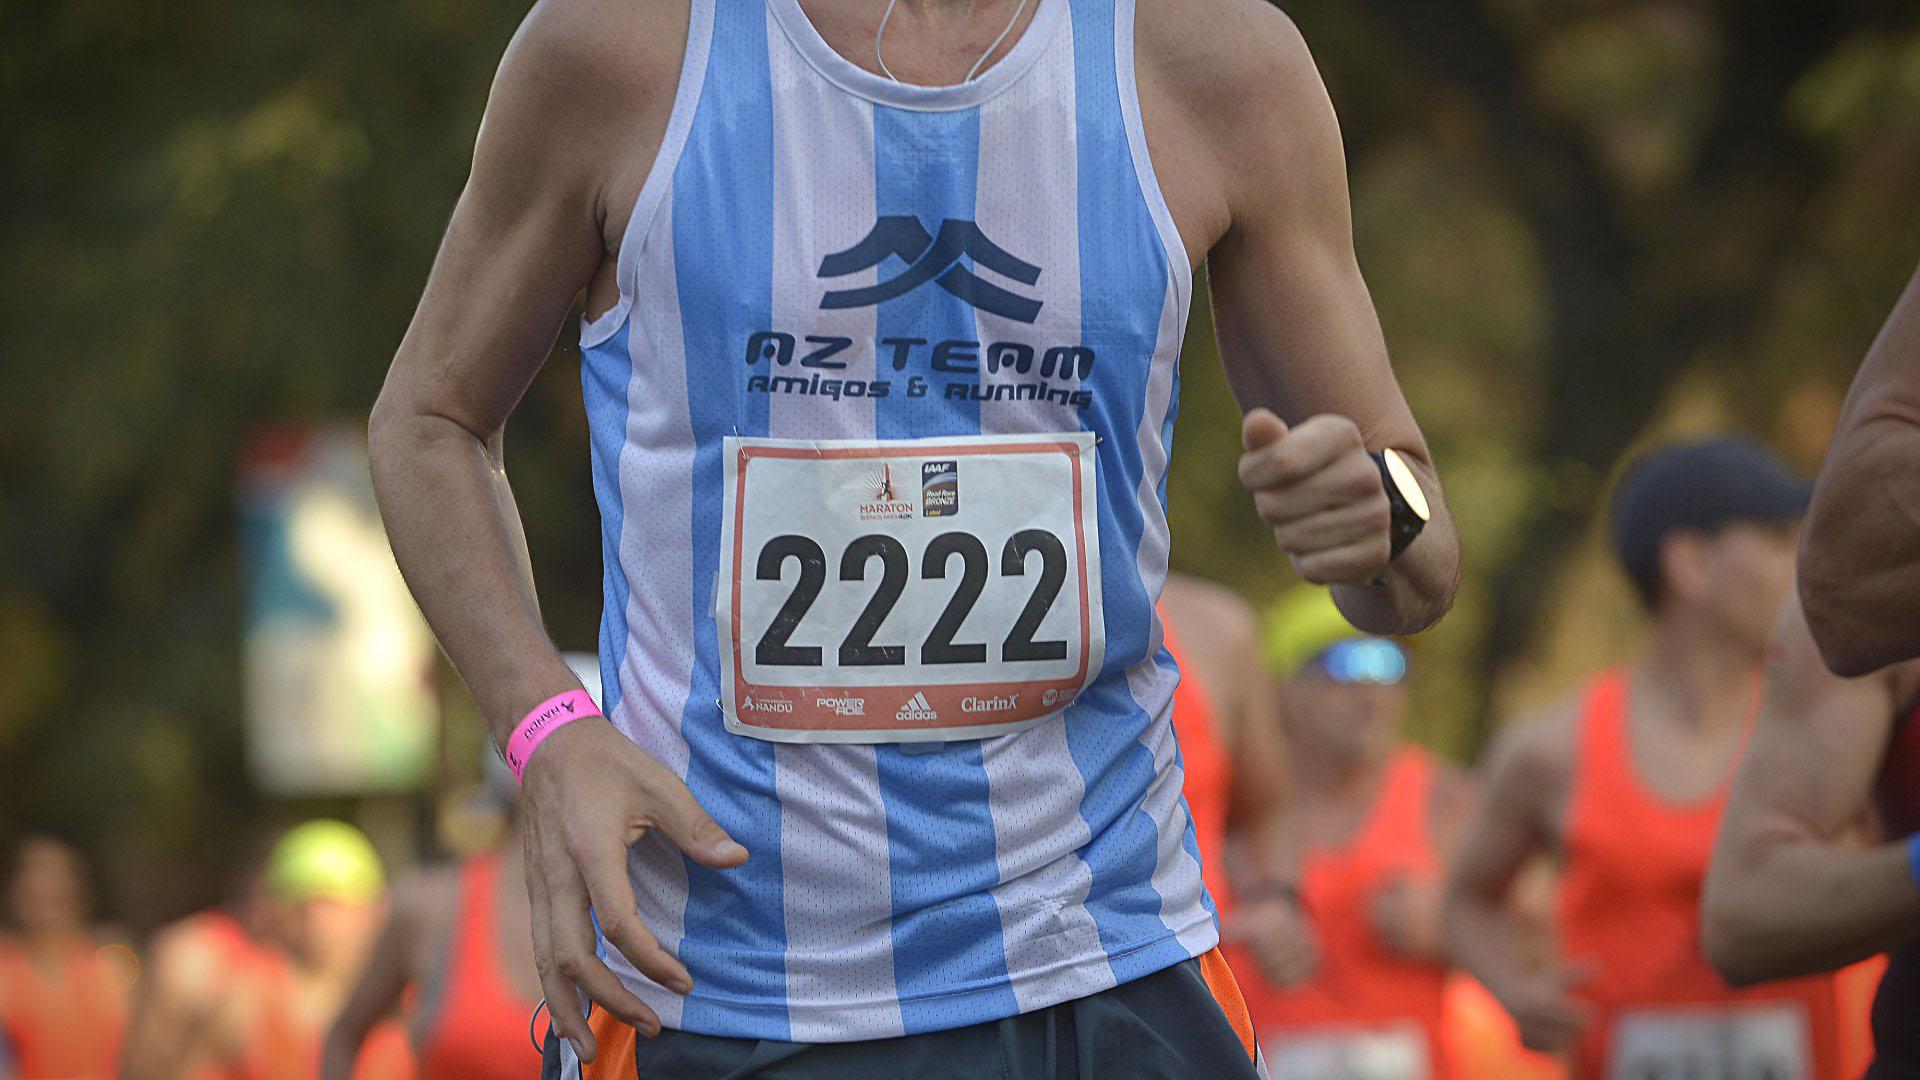 Entre los aficionados, no faltaron los equipos de running, habiendo llegado también delegaciones extranjeras